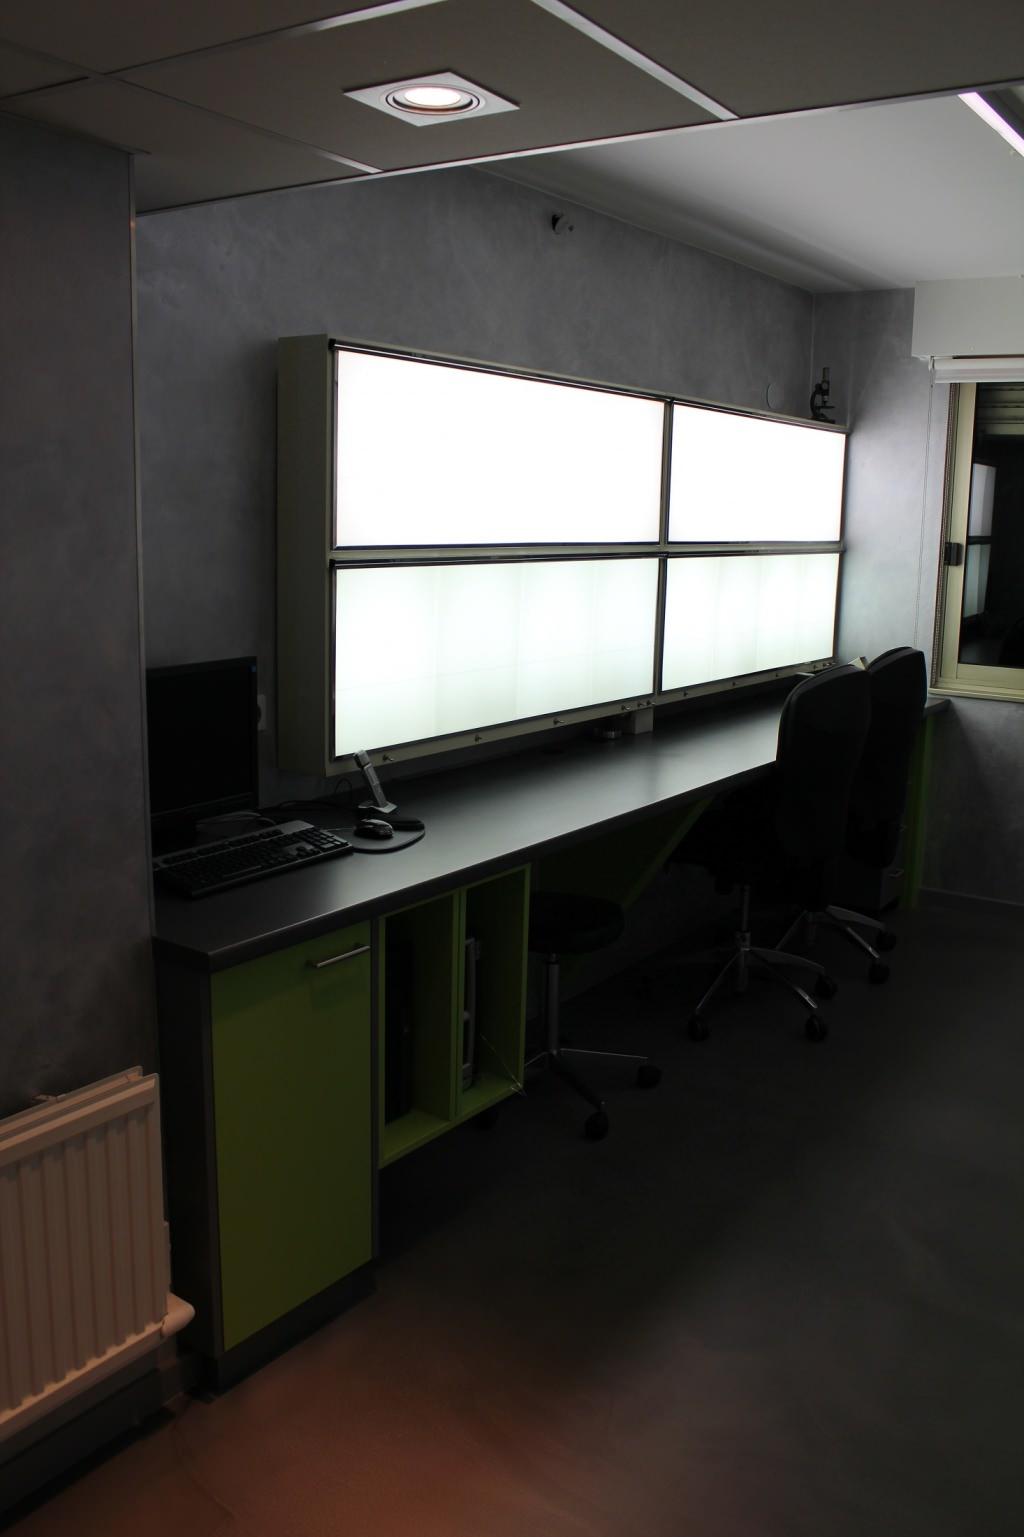 cabinet radiologie 13 28 images 239 s cabinets de radiologie et d imagerie m 233 dicale. Black Bedroom Furniture Sets. Home Design Ideas